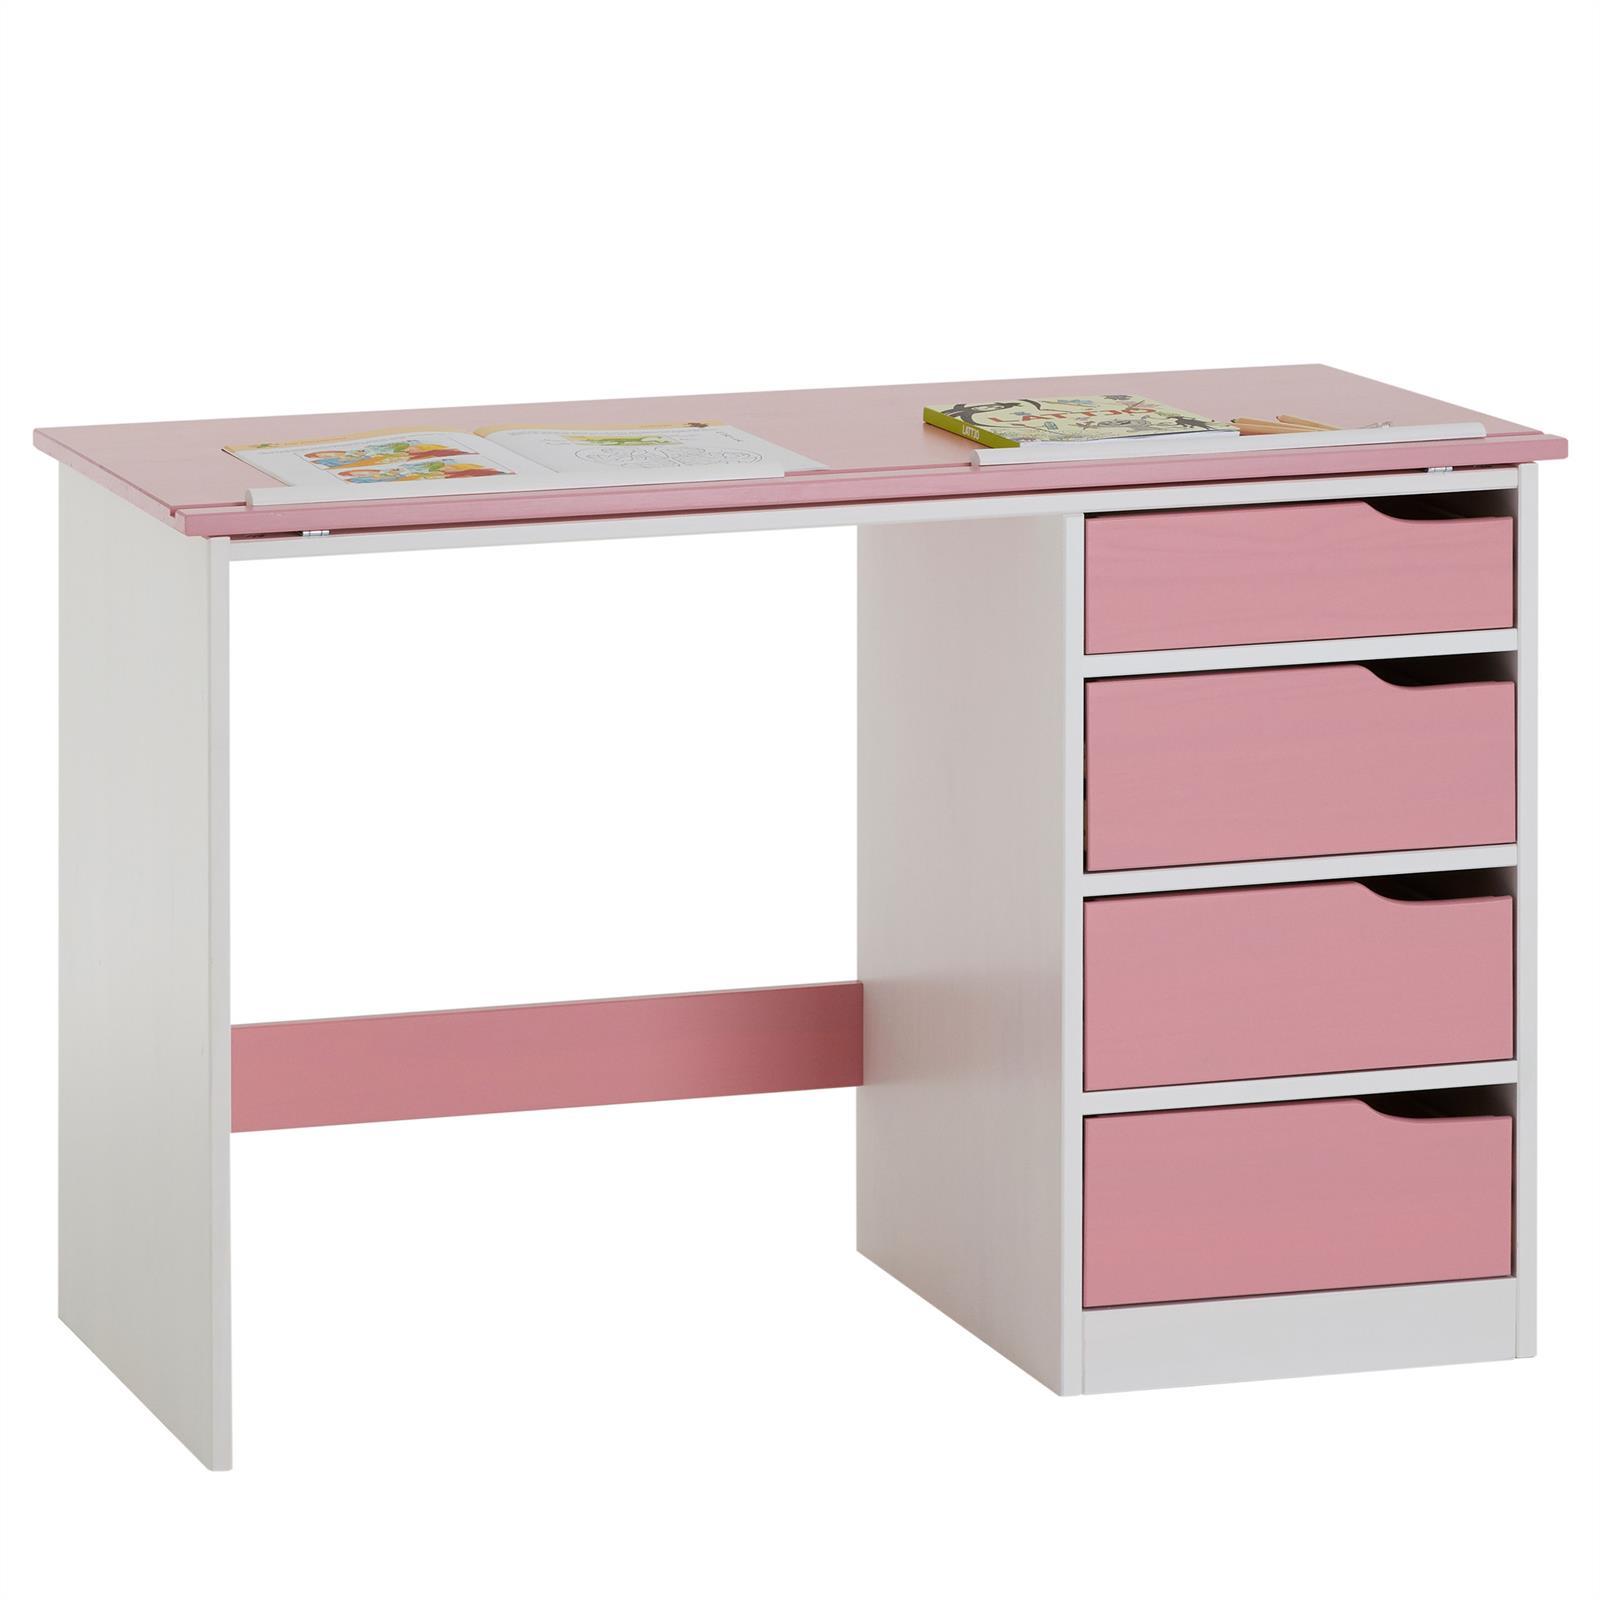 kinderschreibtisch emma kiefer massiv wei rosa neigungsverstellbar mobilia24. Black Bedroom Furniture Sets. Home Design Ideas